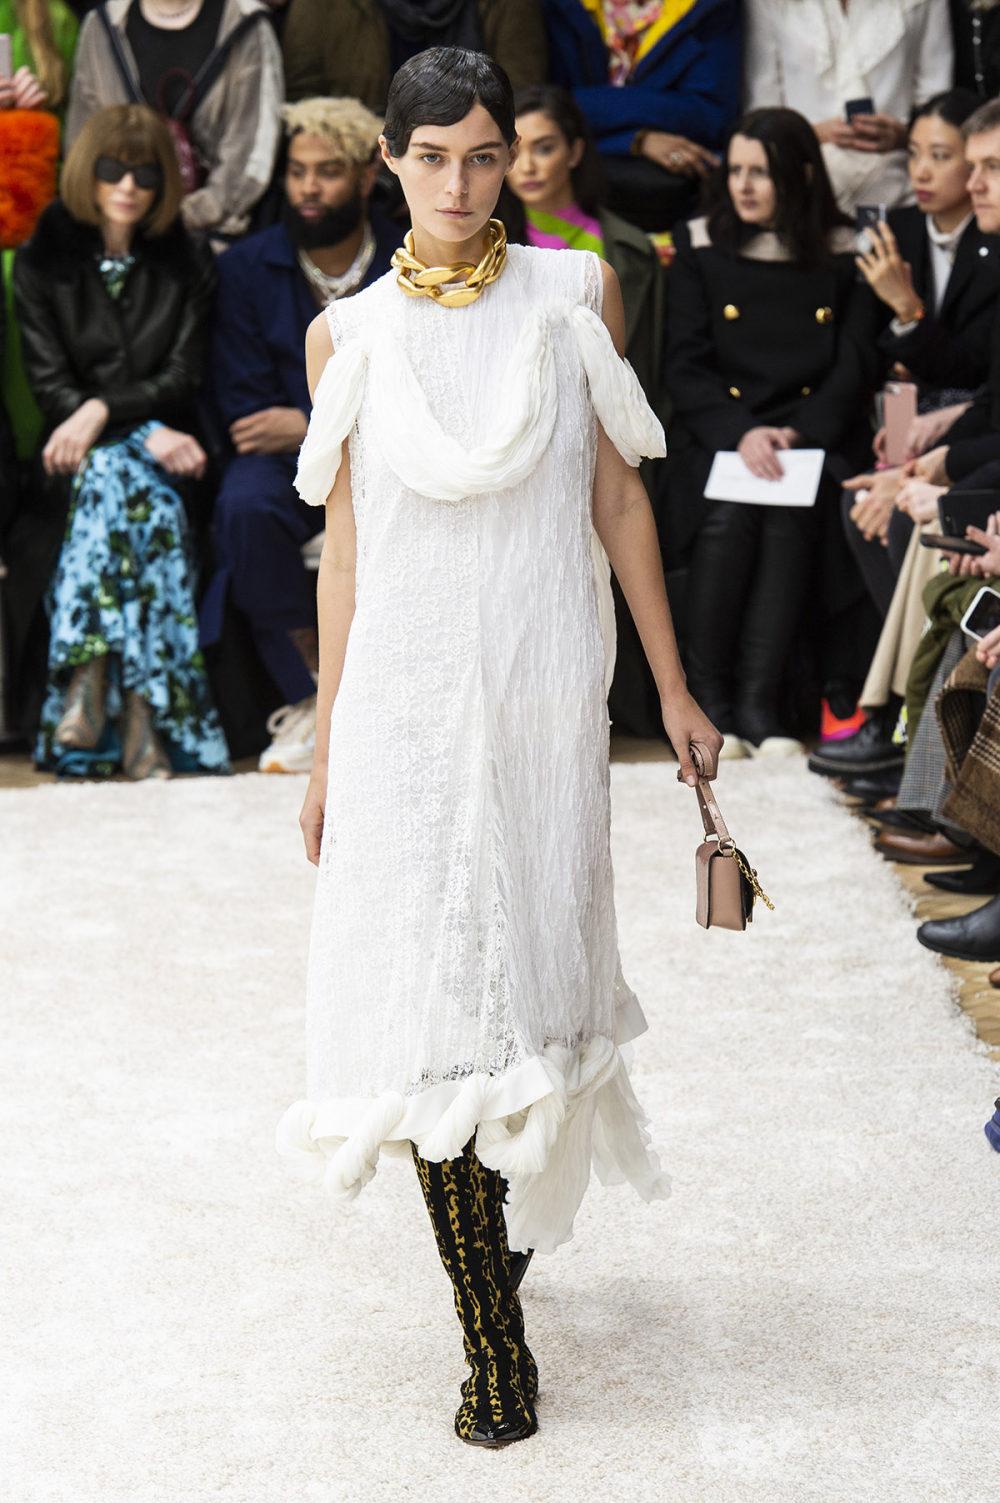 JW Anderson时装系列连衣裙是柔软的边缘用褶皱和长窗帘制成的-13.jpg